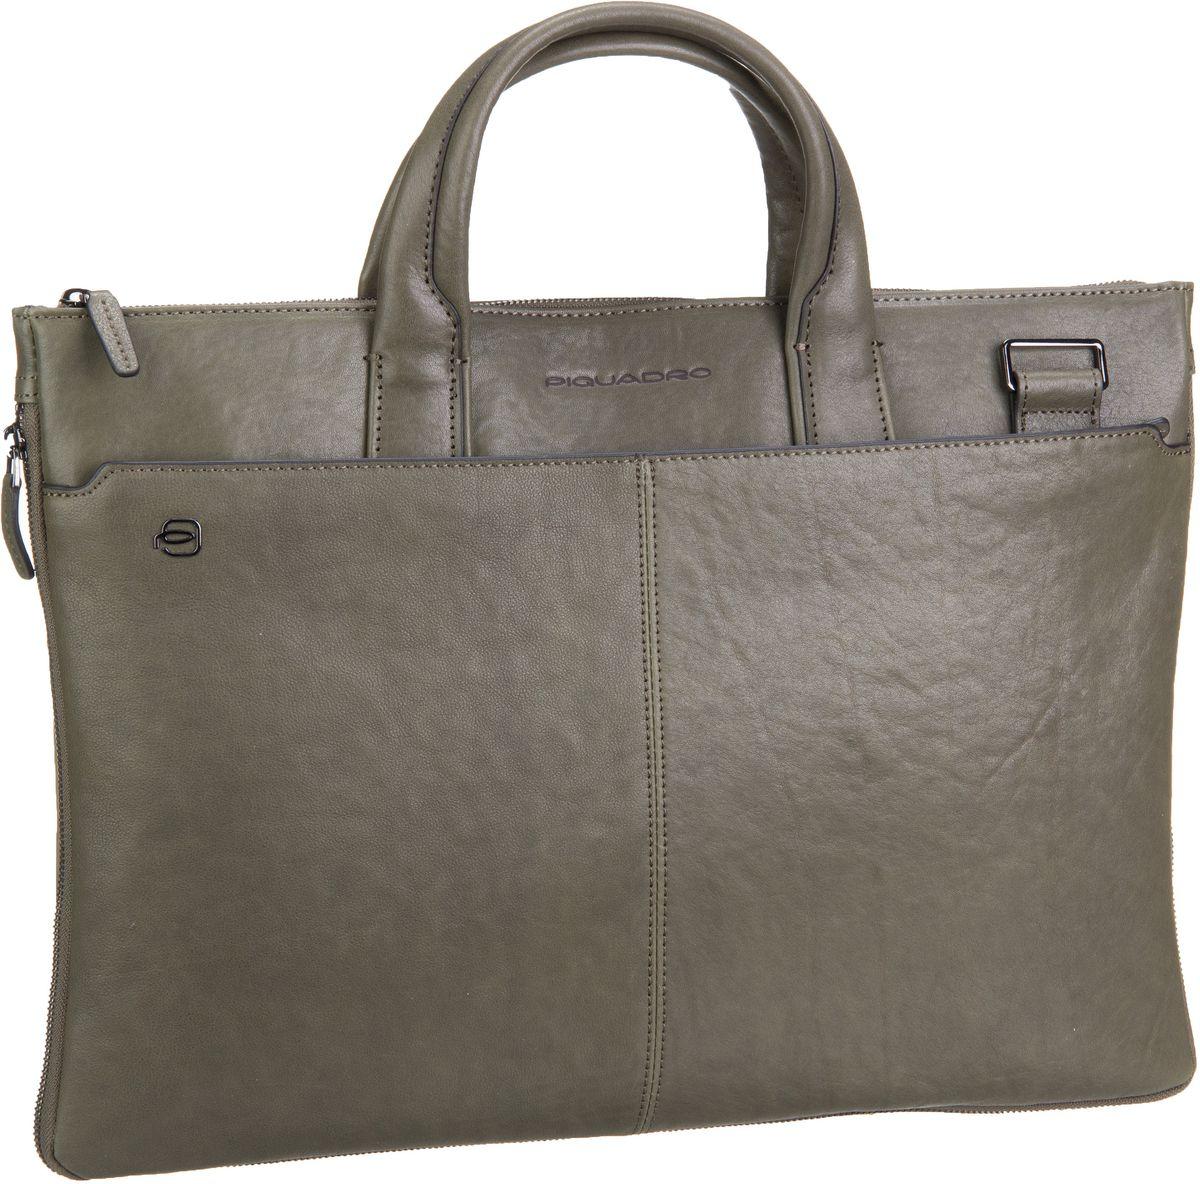 Businesstaschen für Frauen - Piquadro Black Square 4021 Connequ Verde Oliva Aktenmappe  - Onlineshop Taschenkaufhaus